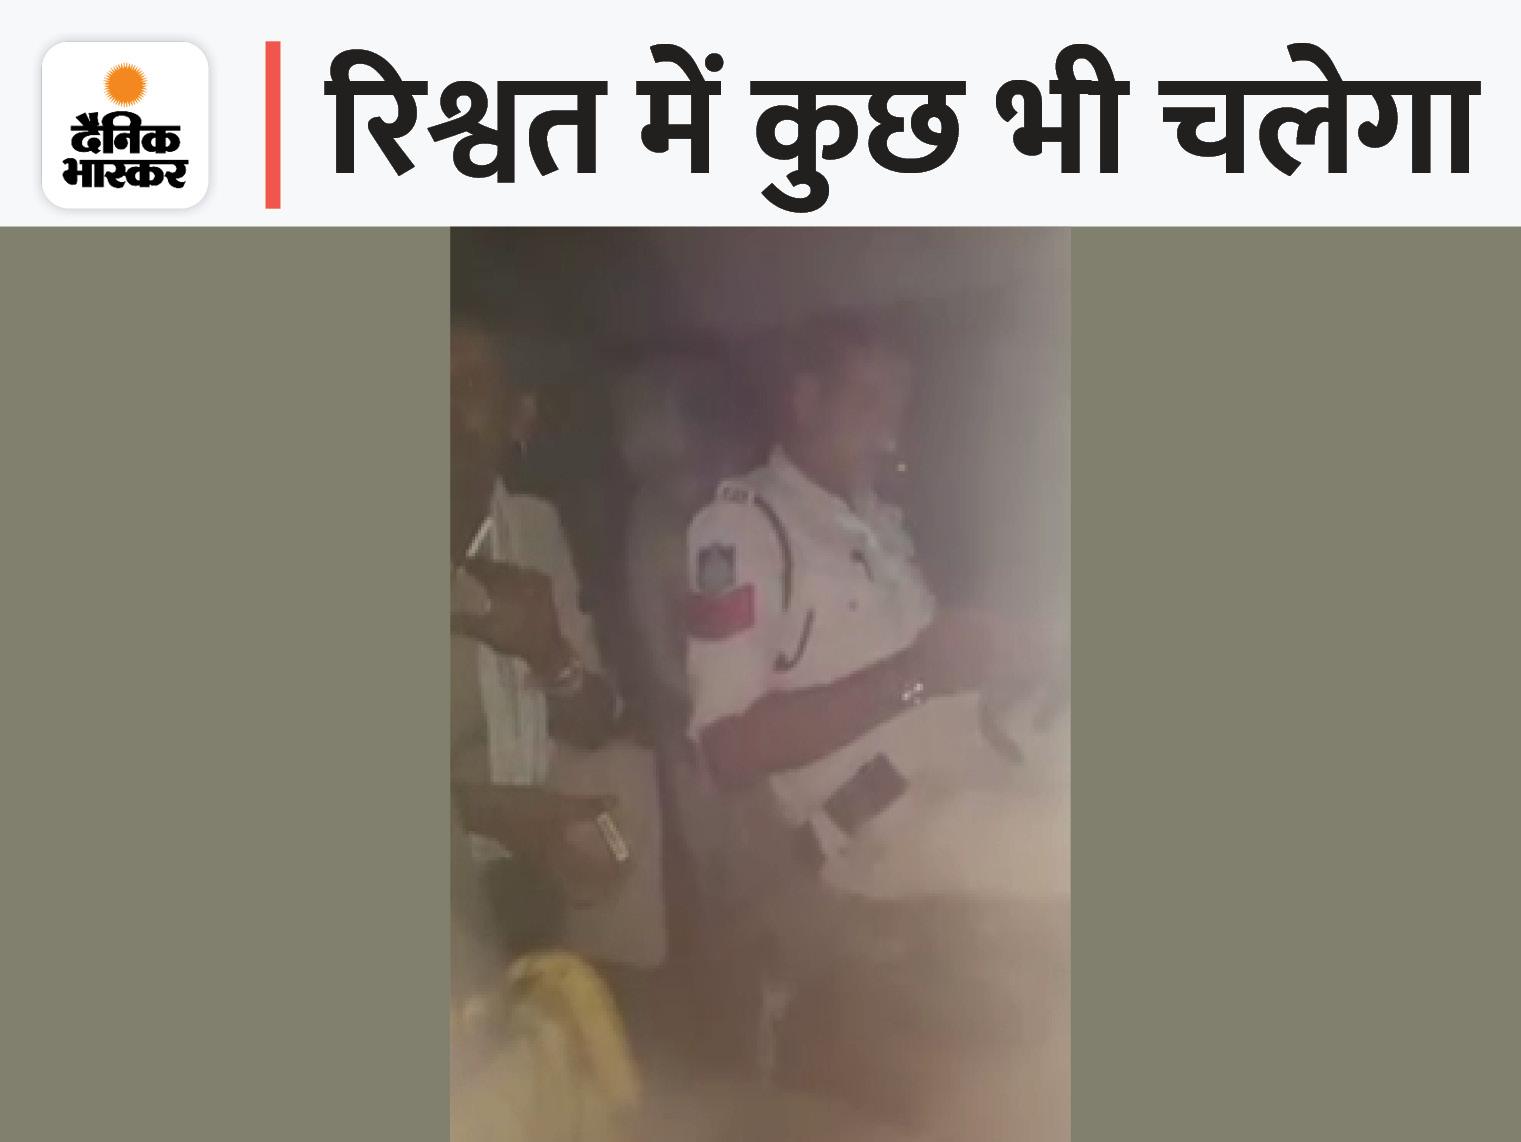 हेड कॉन्स्टेबल ने रात में ट्रक रोका और रिश्वत मांगी; रुपए नहीं होने पर गाड़ी से 24 केले ही घूस में ले लिए, SP ने सस्पेंड किया शिवपुरी,Shivpuri - Dainik Bhaskar